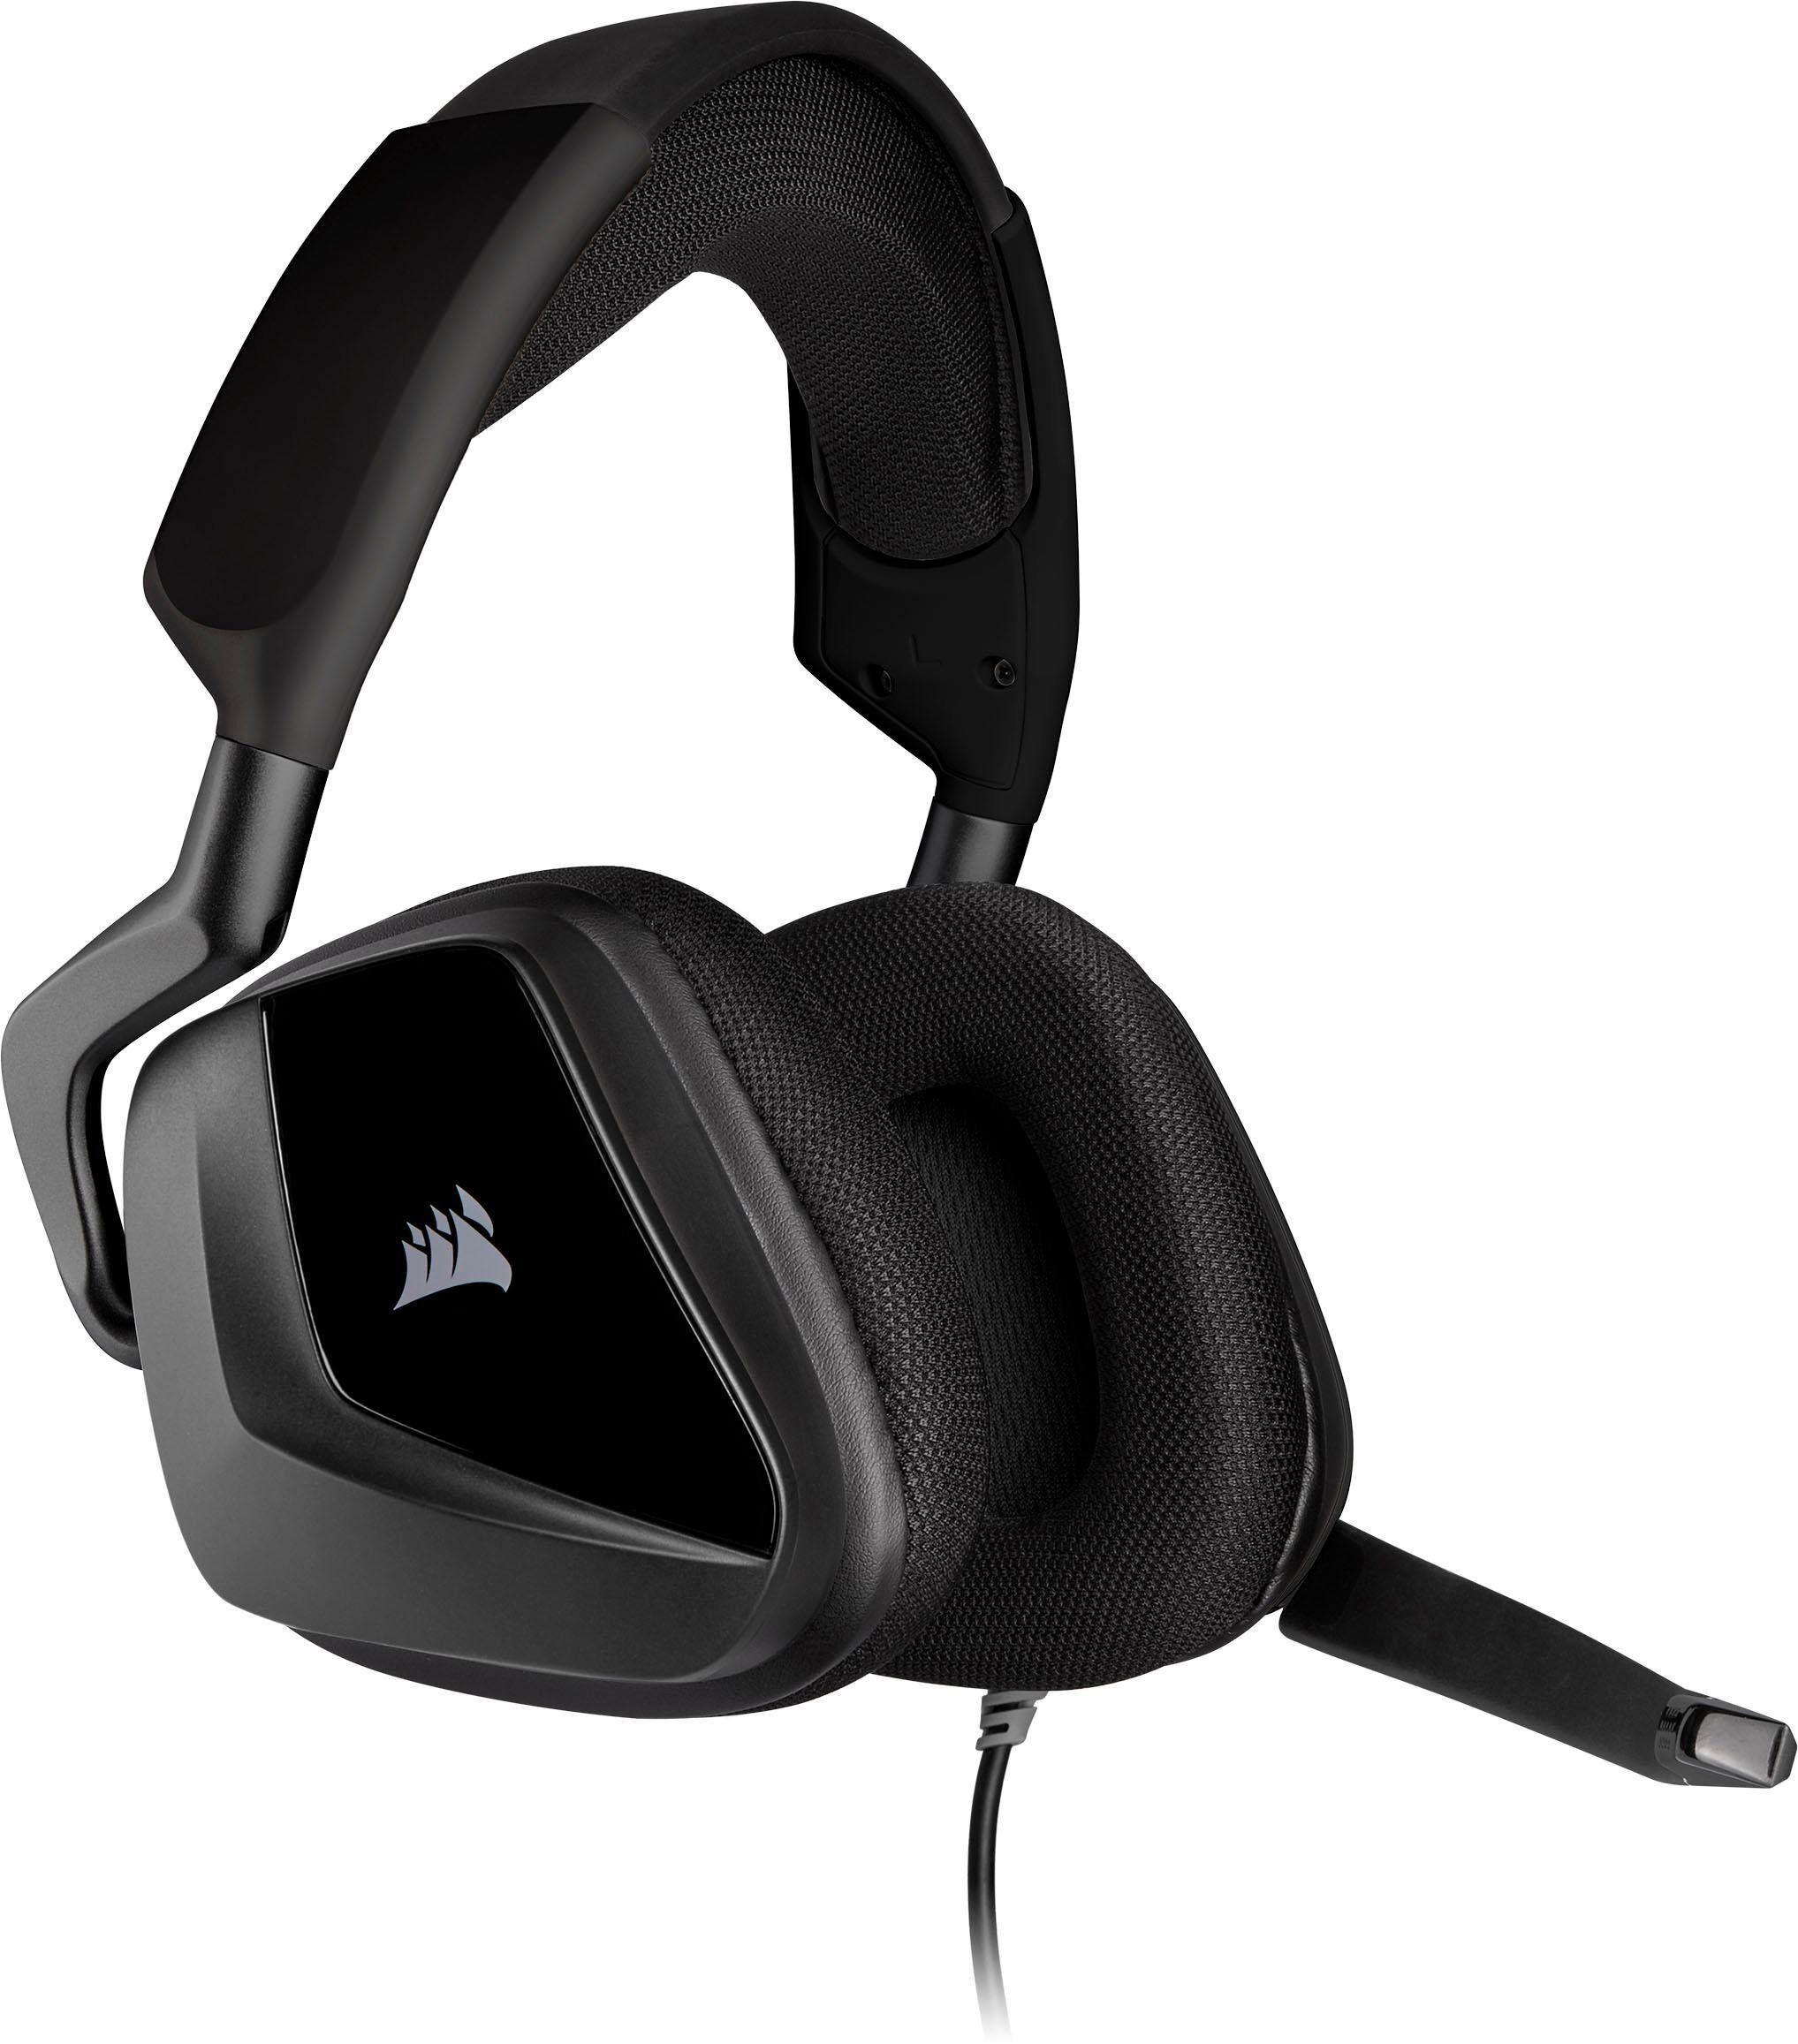 Corsair »Void ELITE Surround« Gaming-Headset (Discord certifiziert, iCUE-Software, speicherbare Audio-Profile), anthrazit